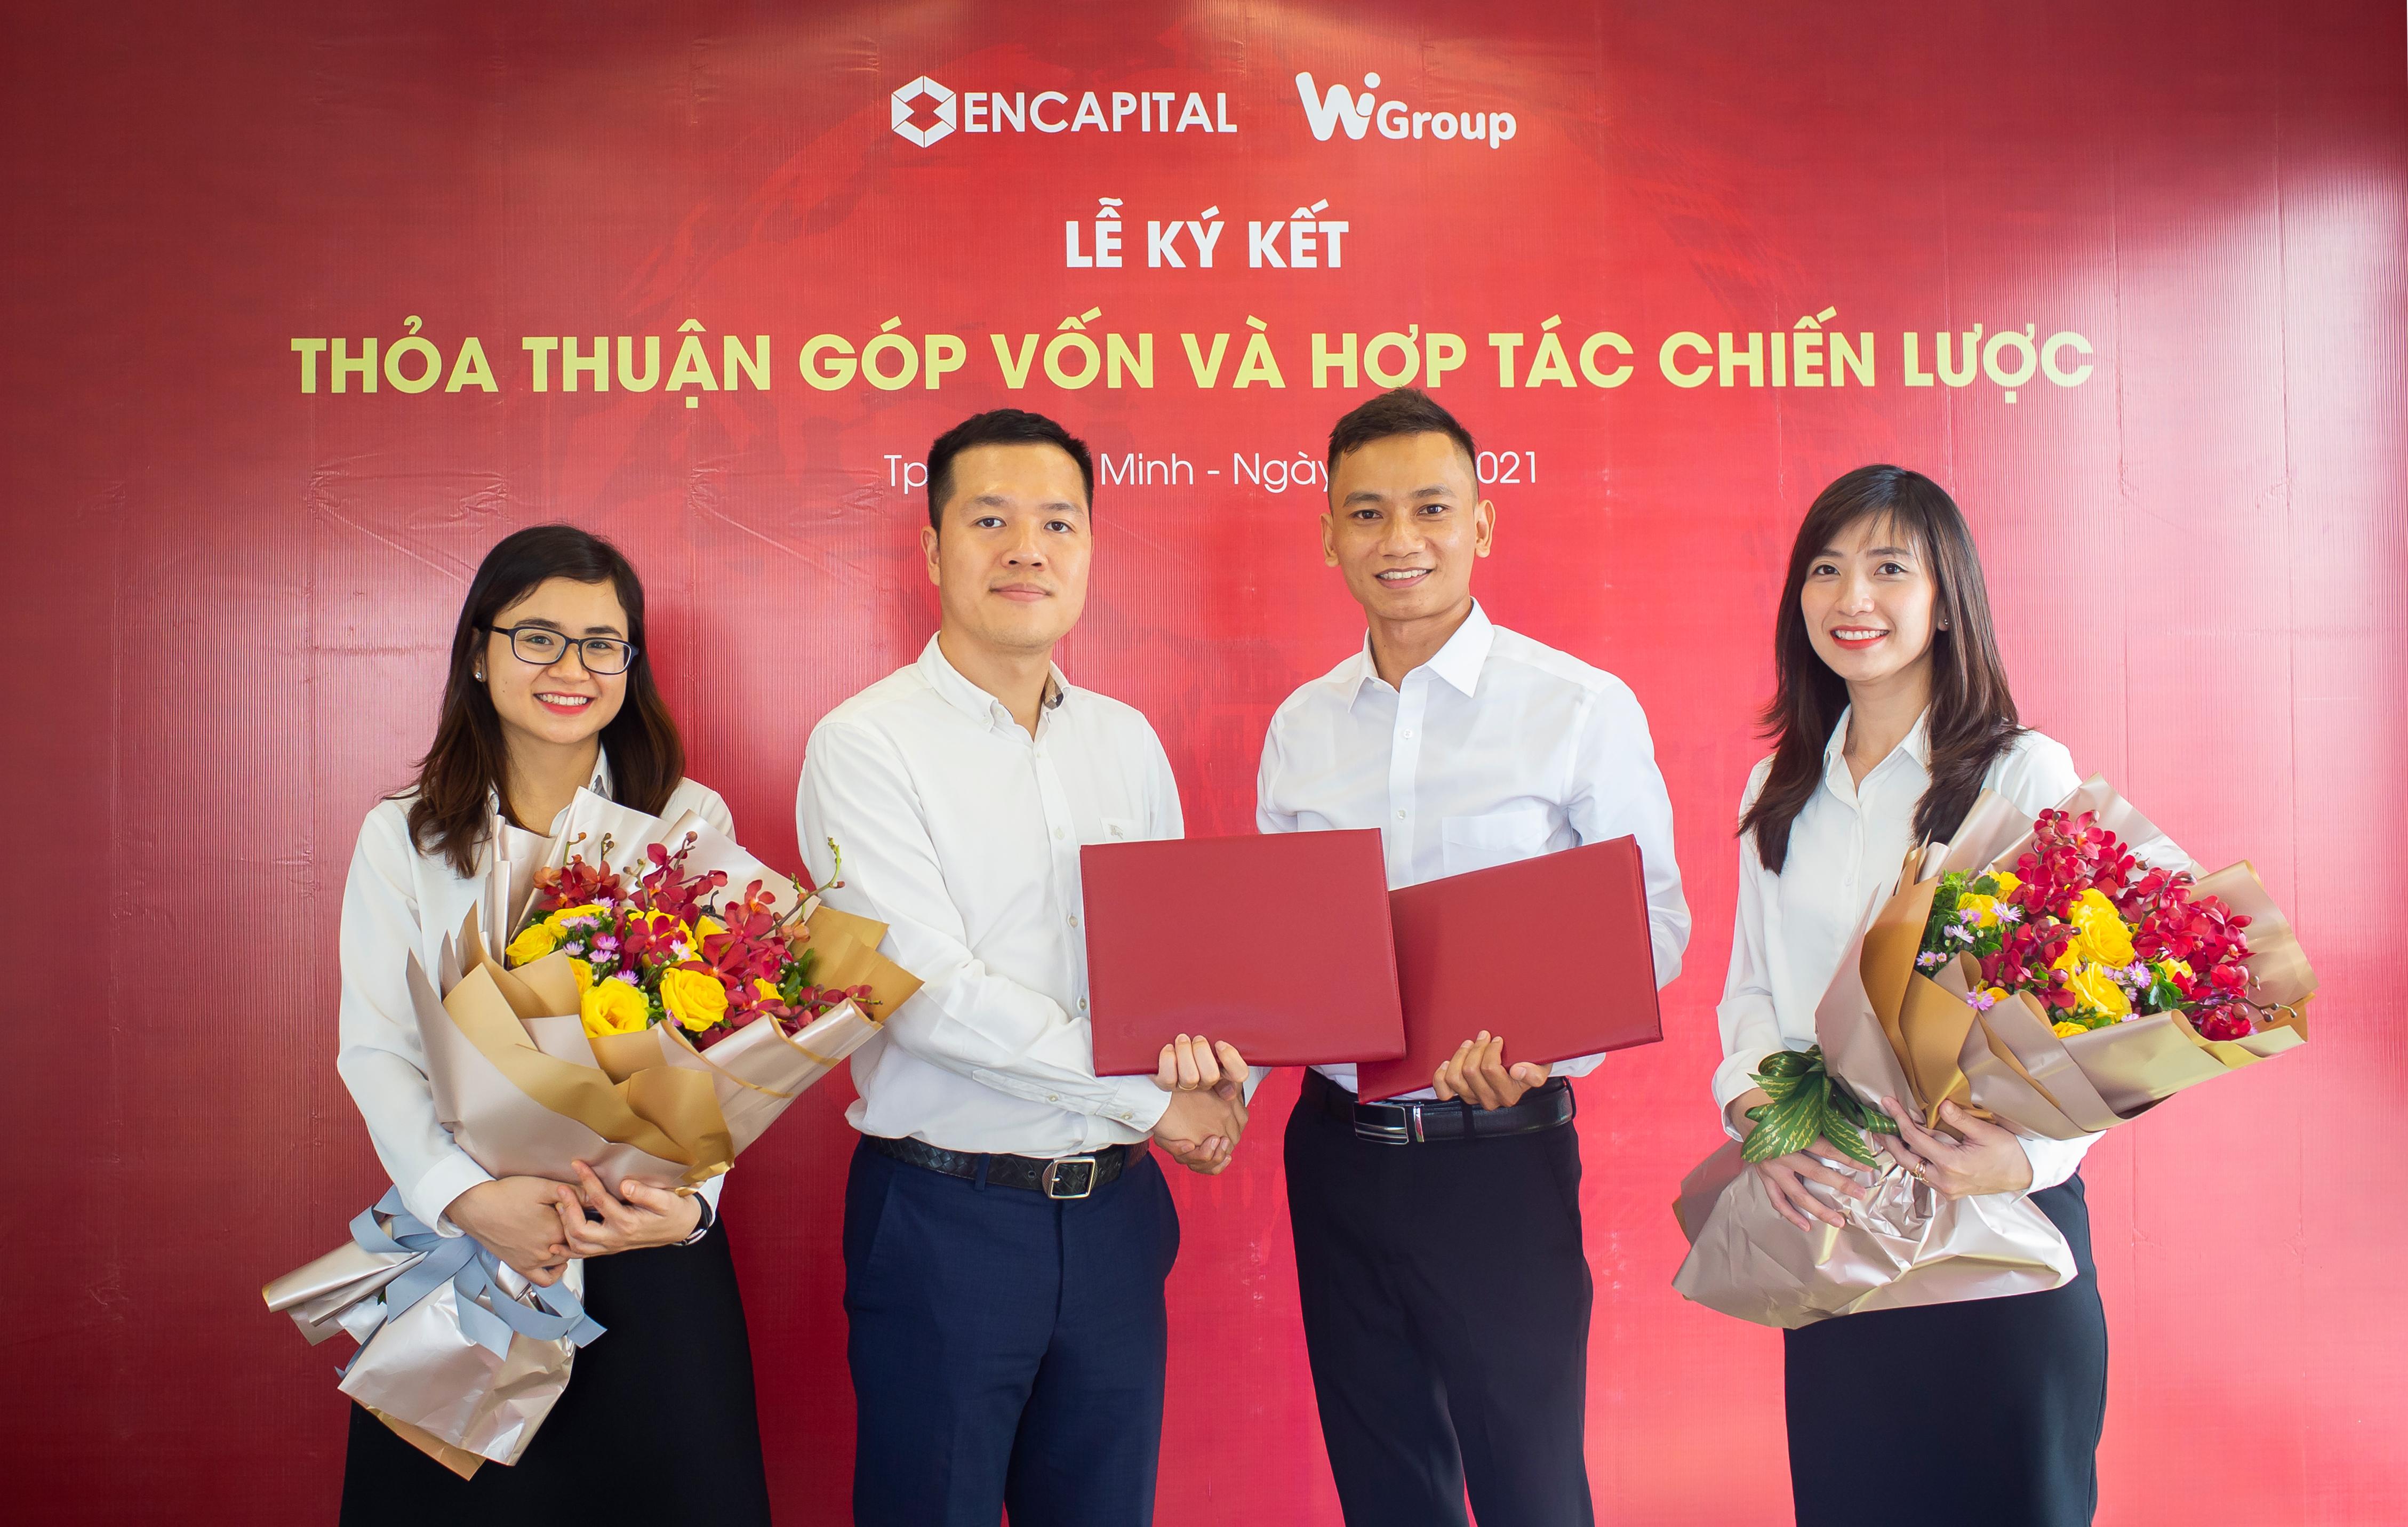 ENCAPITAL hợp tác chiến lược với WIGROUP xây giải pháp dữ liệu cho nhà đầu tư Việt